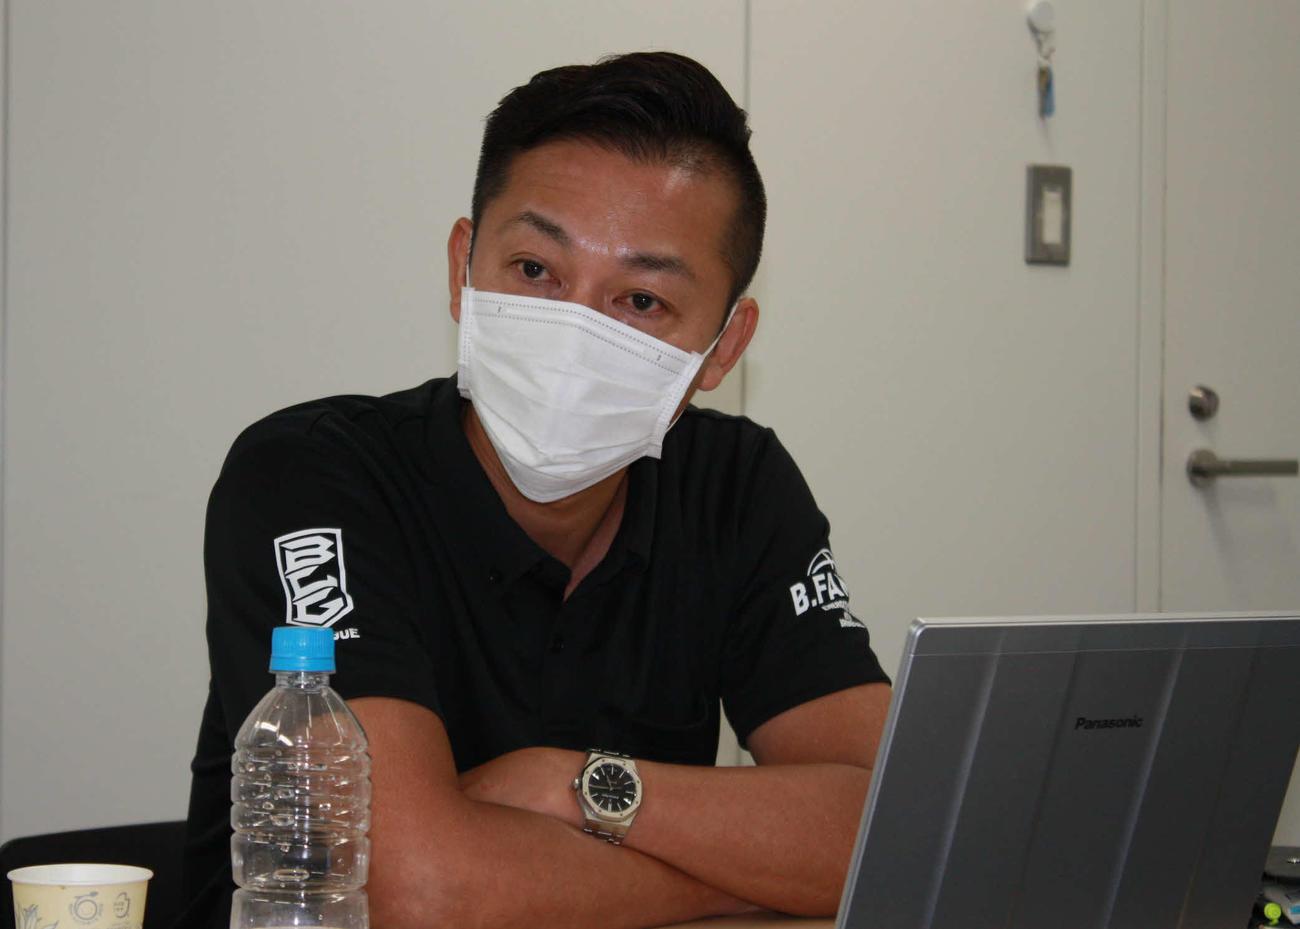 理事会後にオンラインでメディアブリーフィングを行ったBリーグ島田慎二チェアマン(Bリーグ提供)